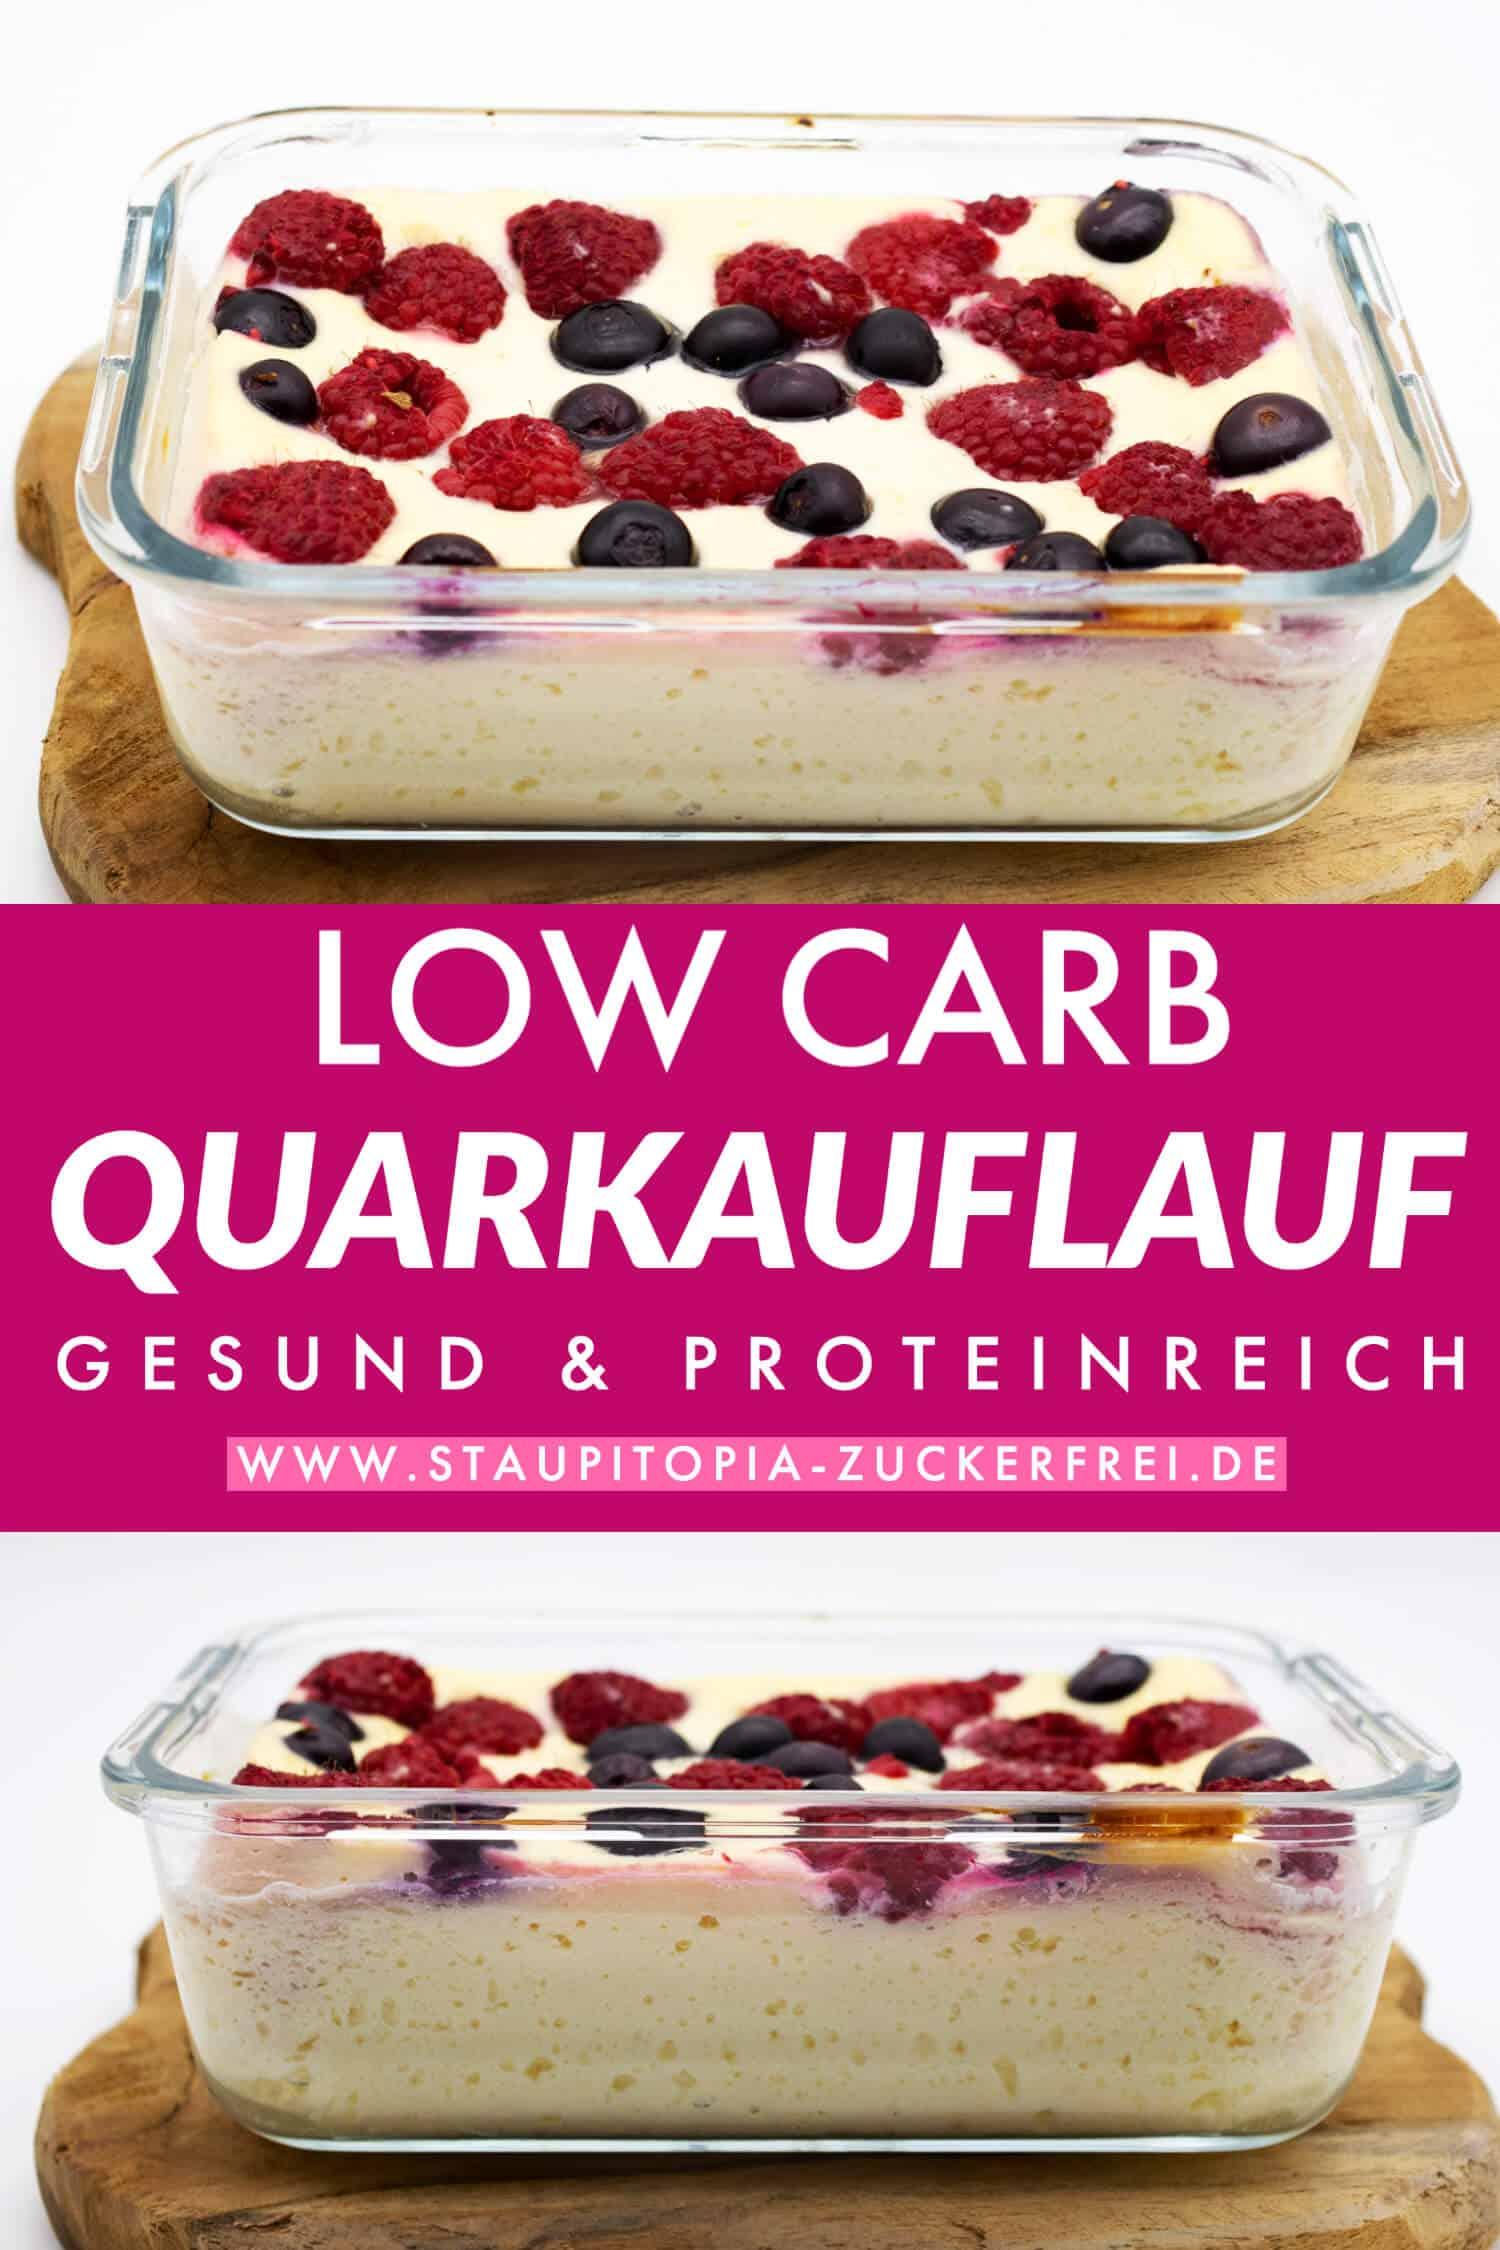 Low Carb Quarkauflauf ohne Zucker